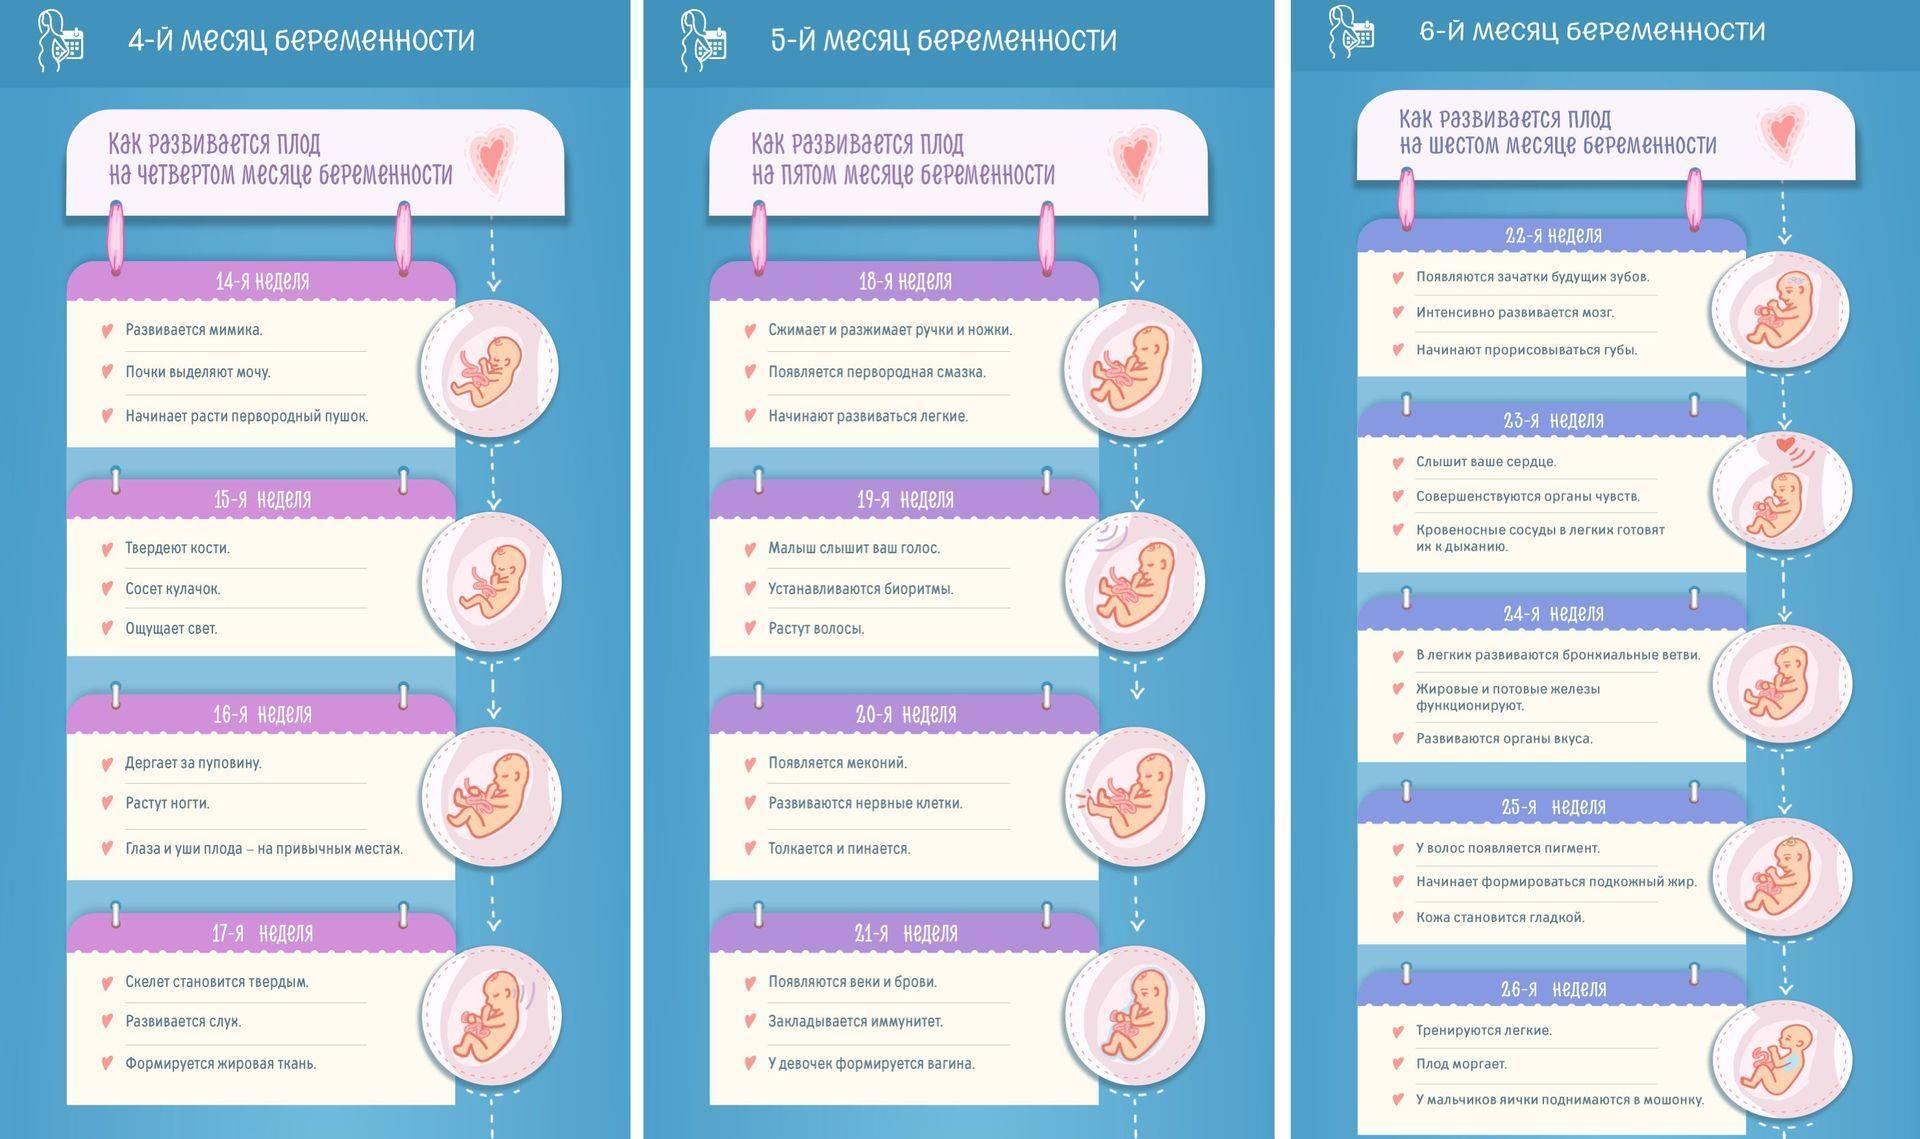 Беременность на ранних сроках - симптомы что надо знать